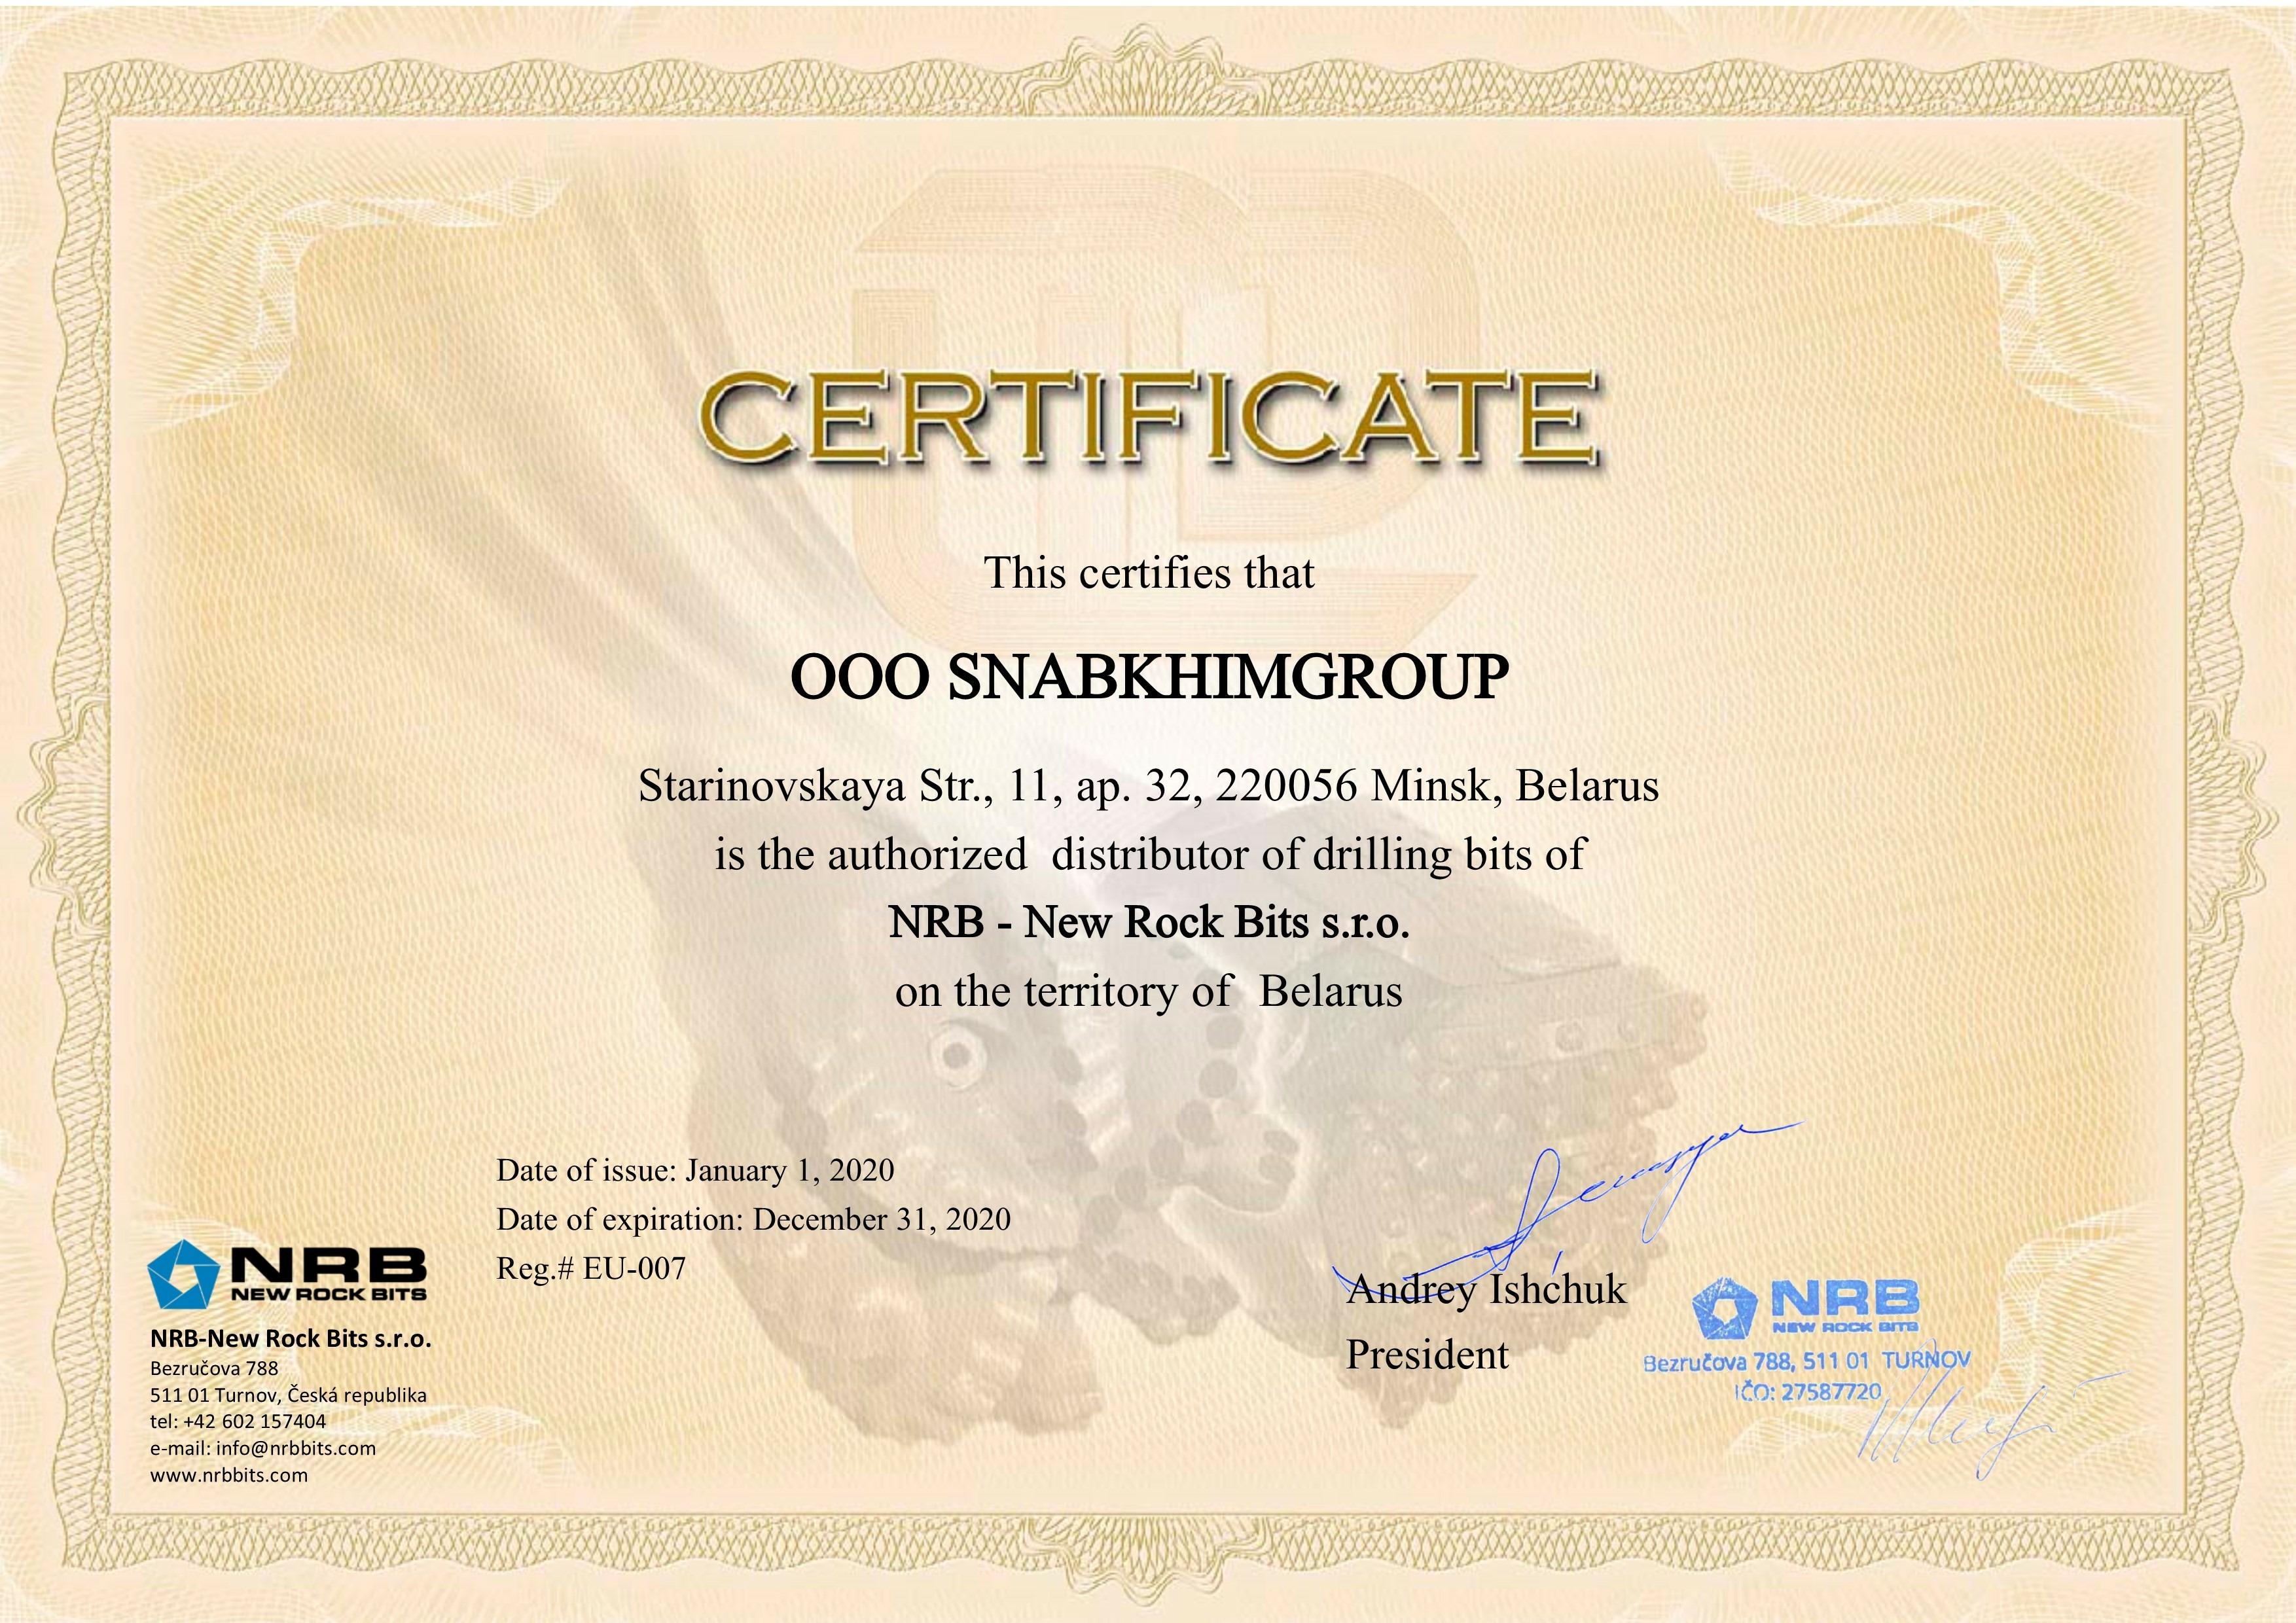 Сертификат официального дилера NRB-New Rock Bits